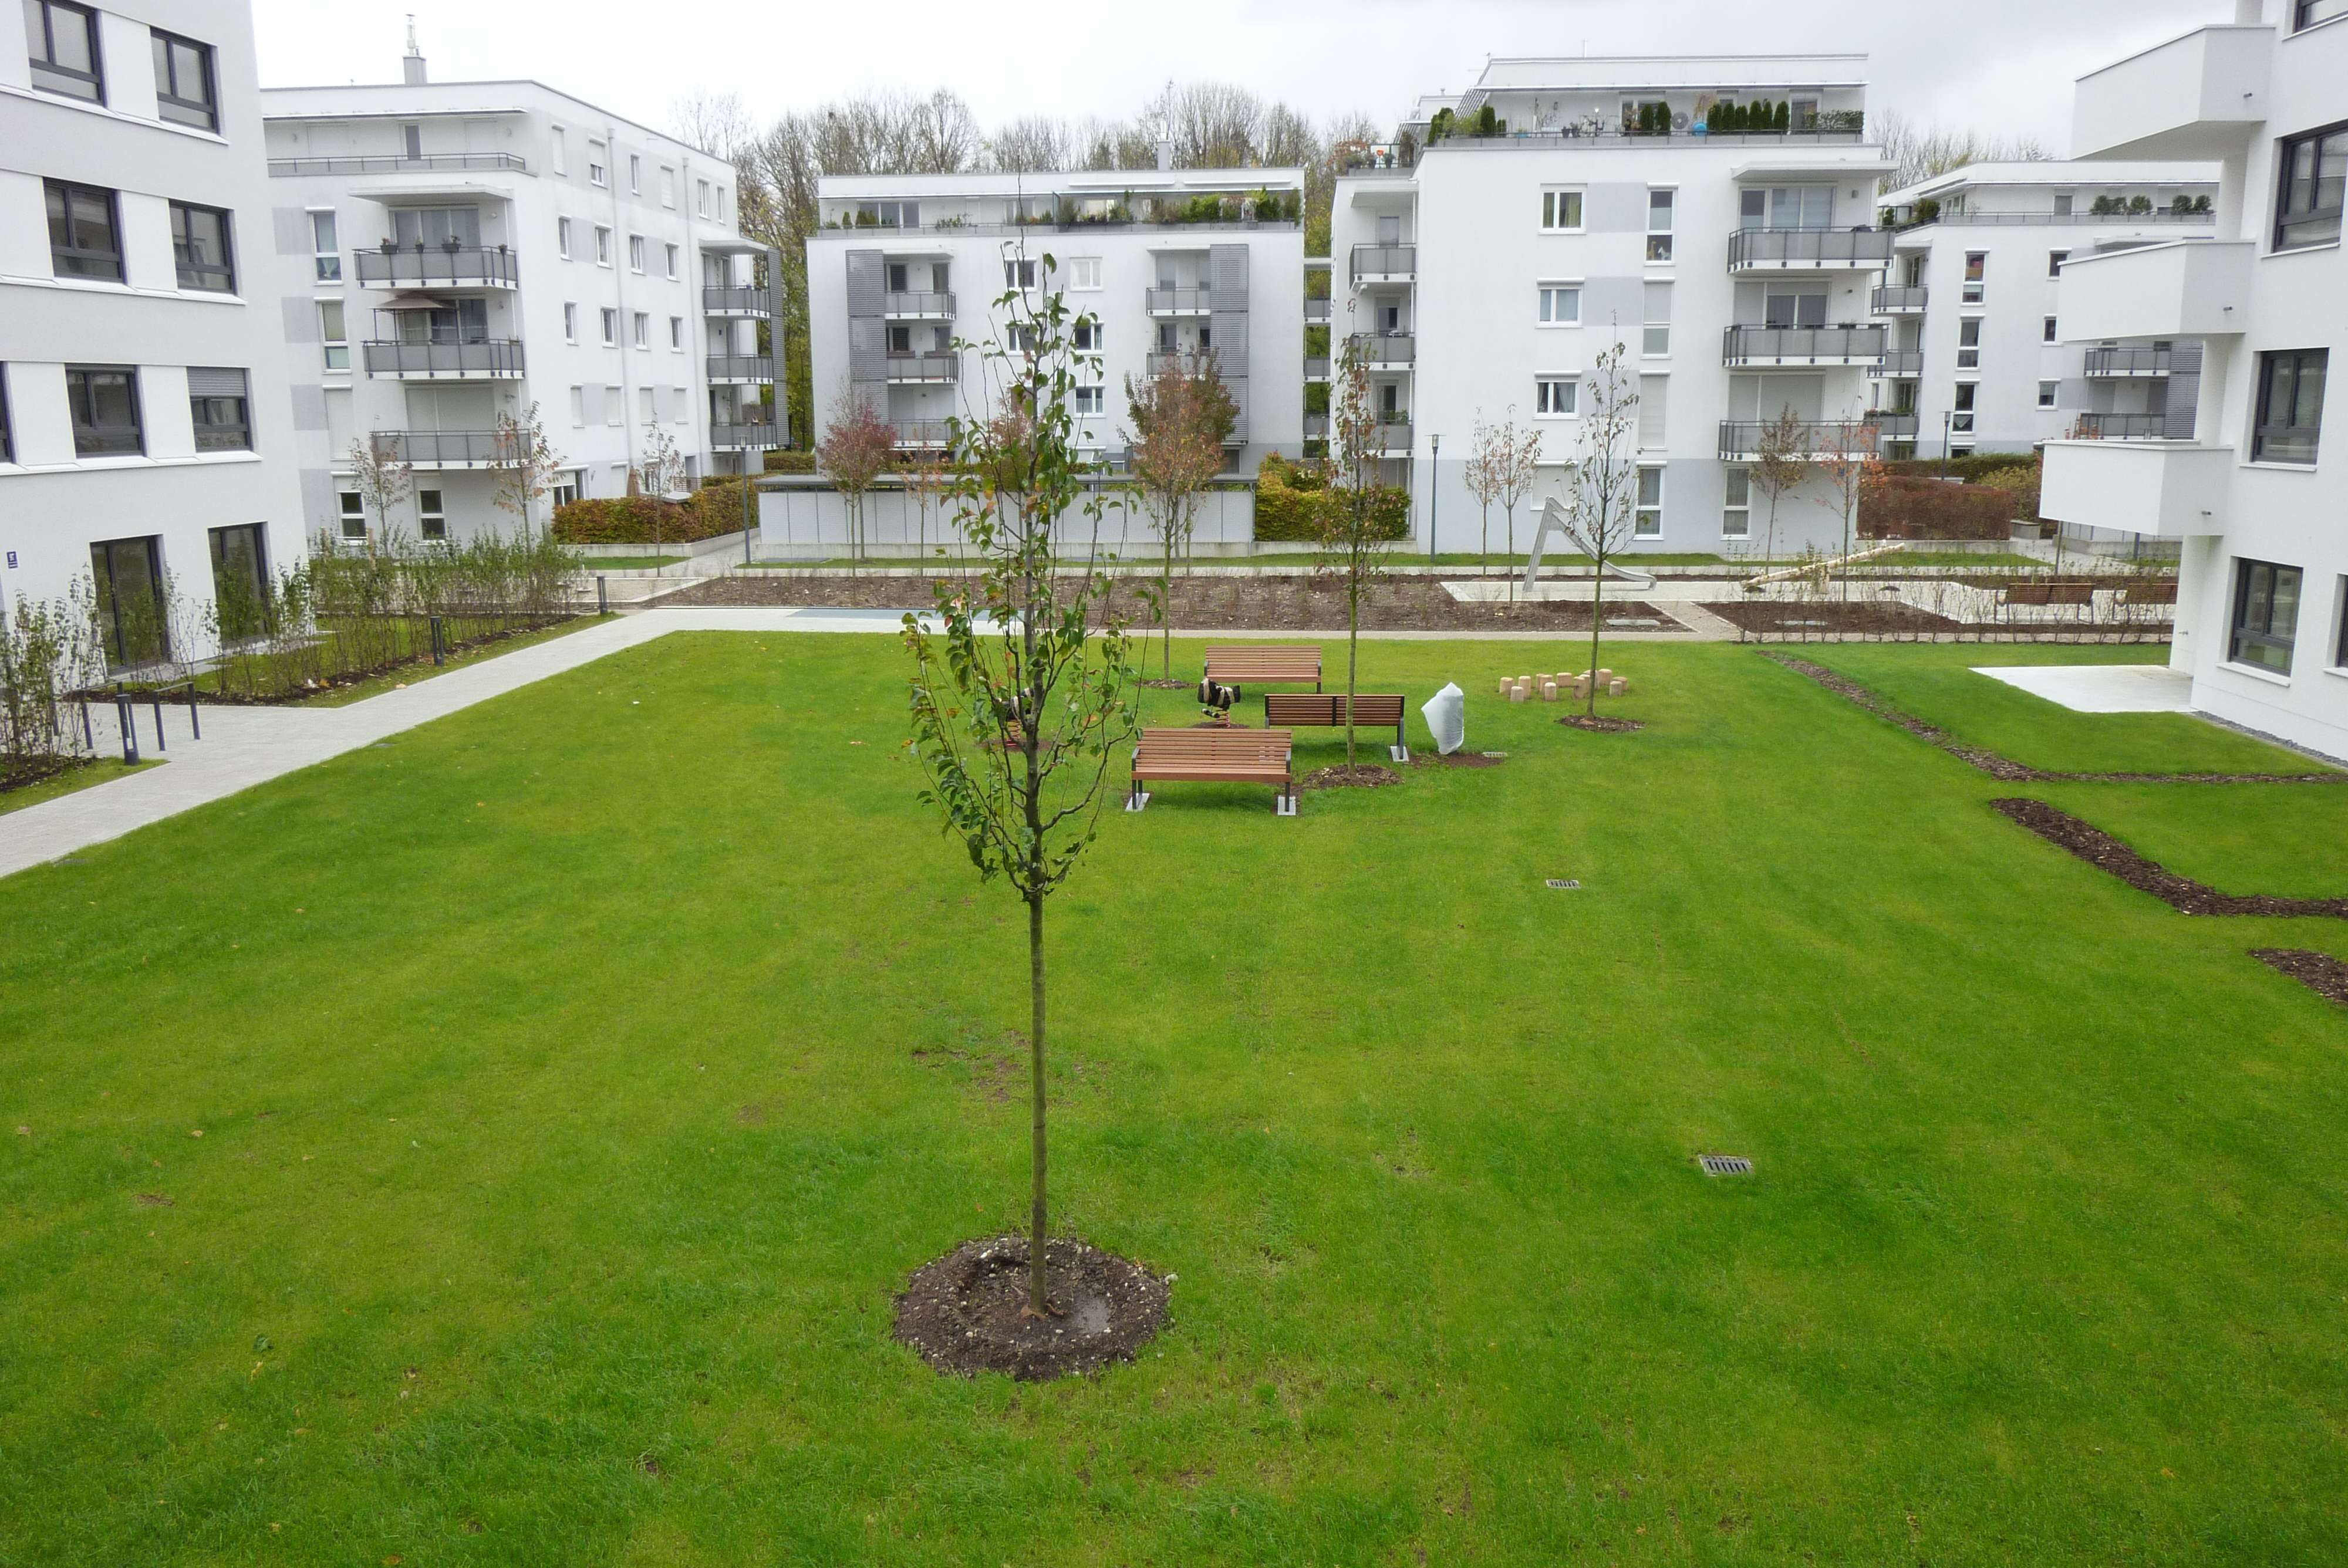 Schöne helle 3 Zimmer Wohnung in Bogenhausen, neuwertig in